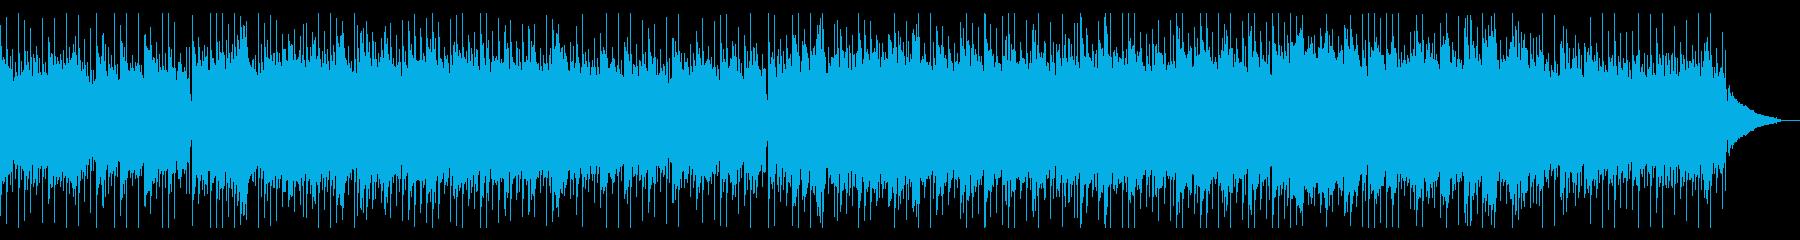 優しい旋律のアコースティックギターBGMの再生済みの波形